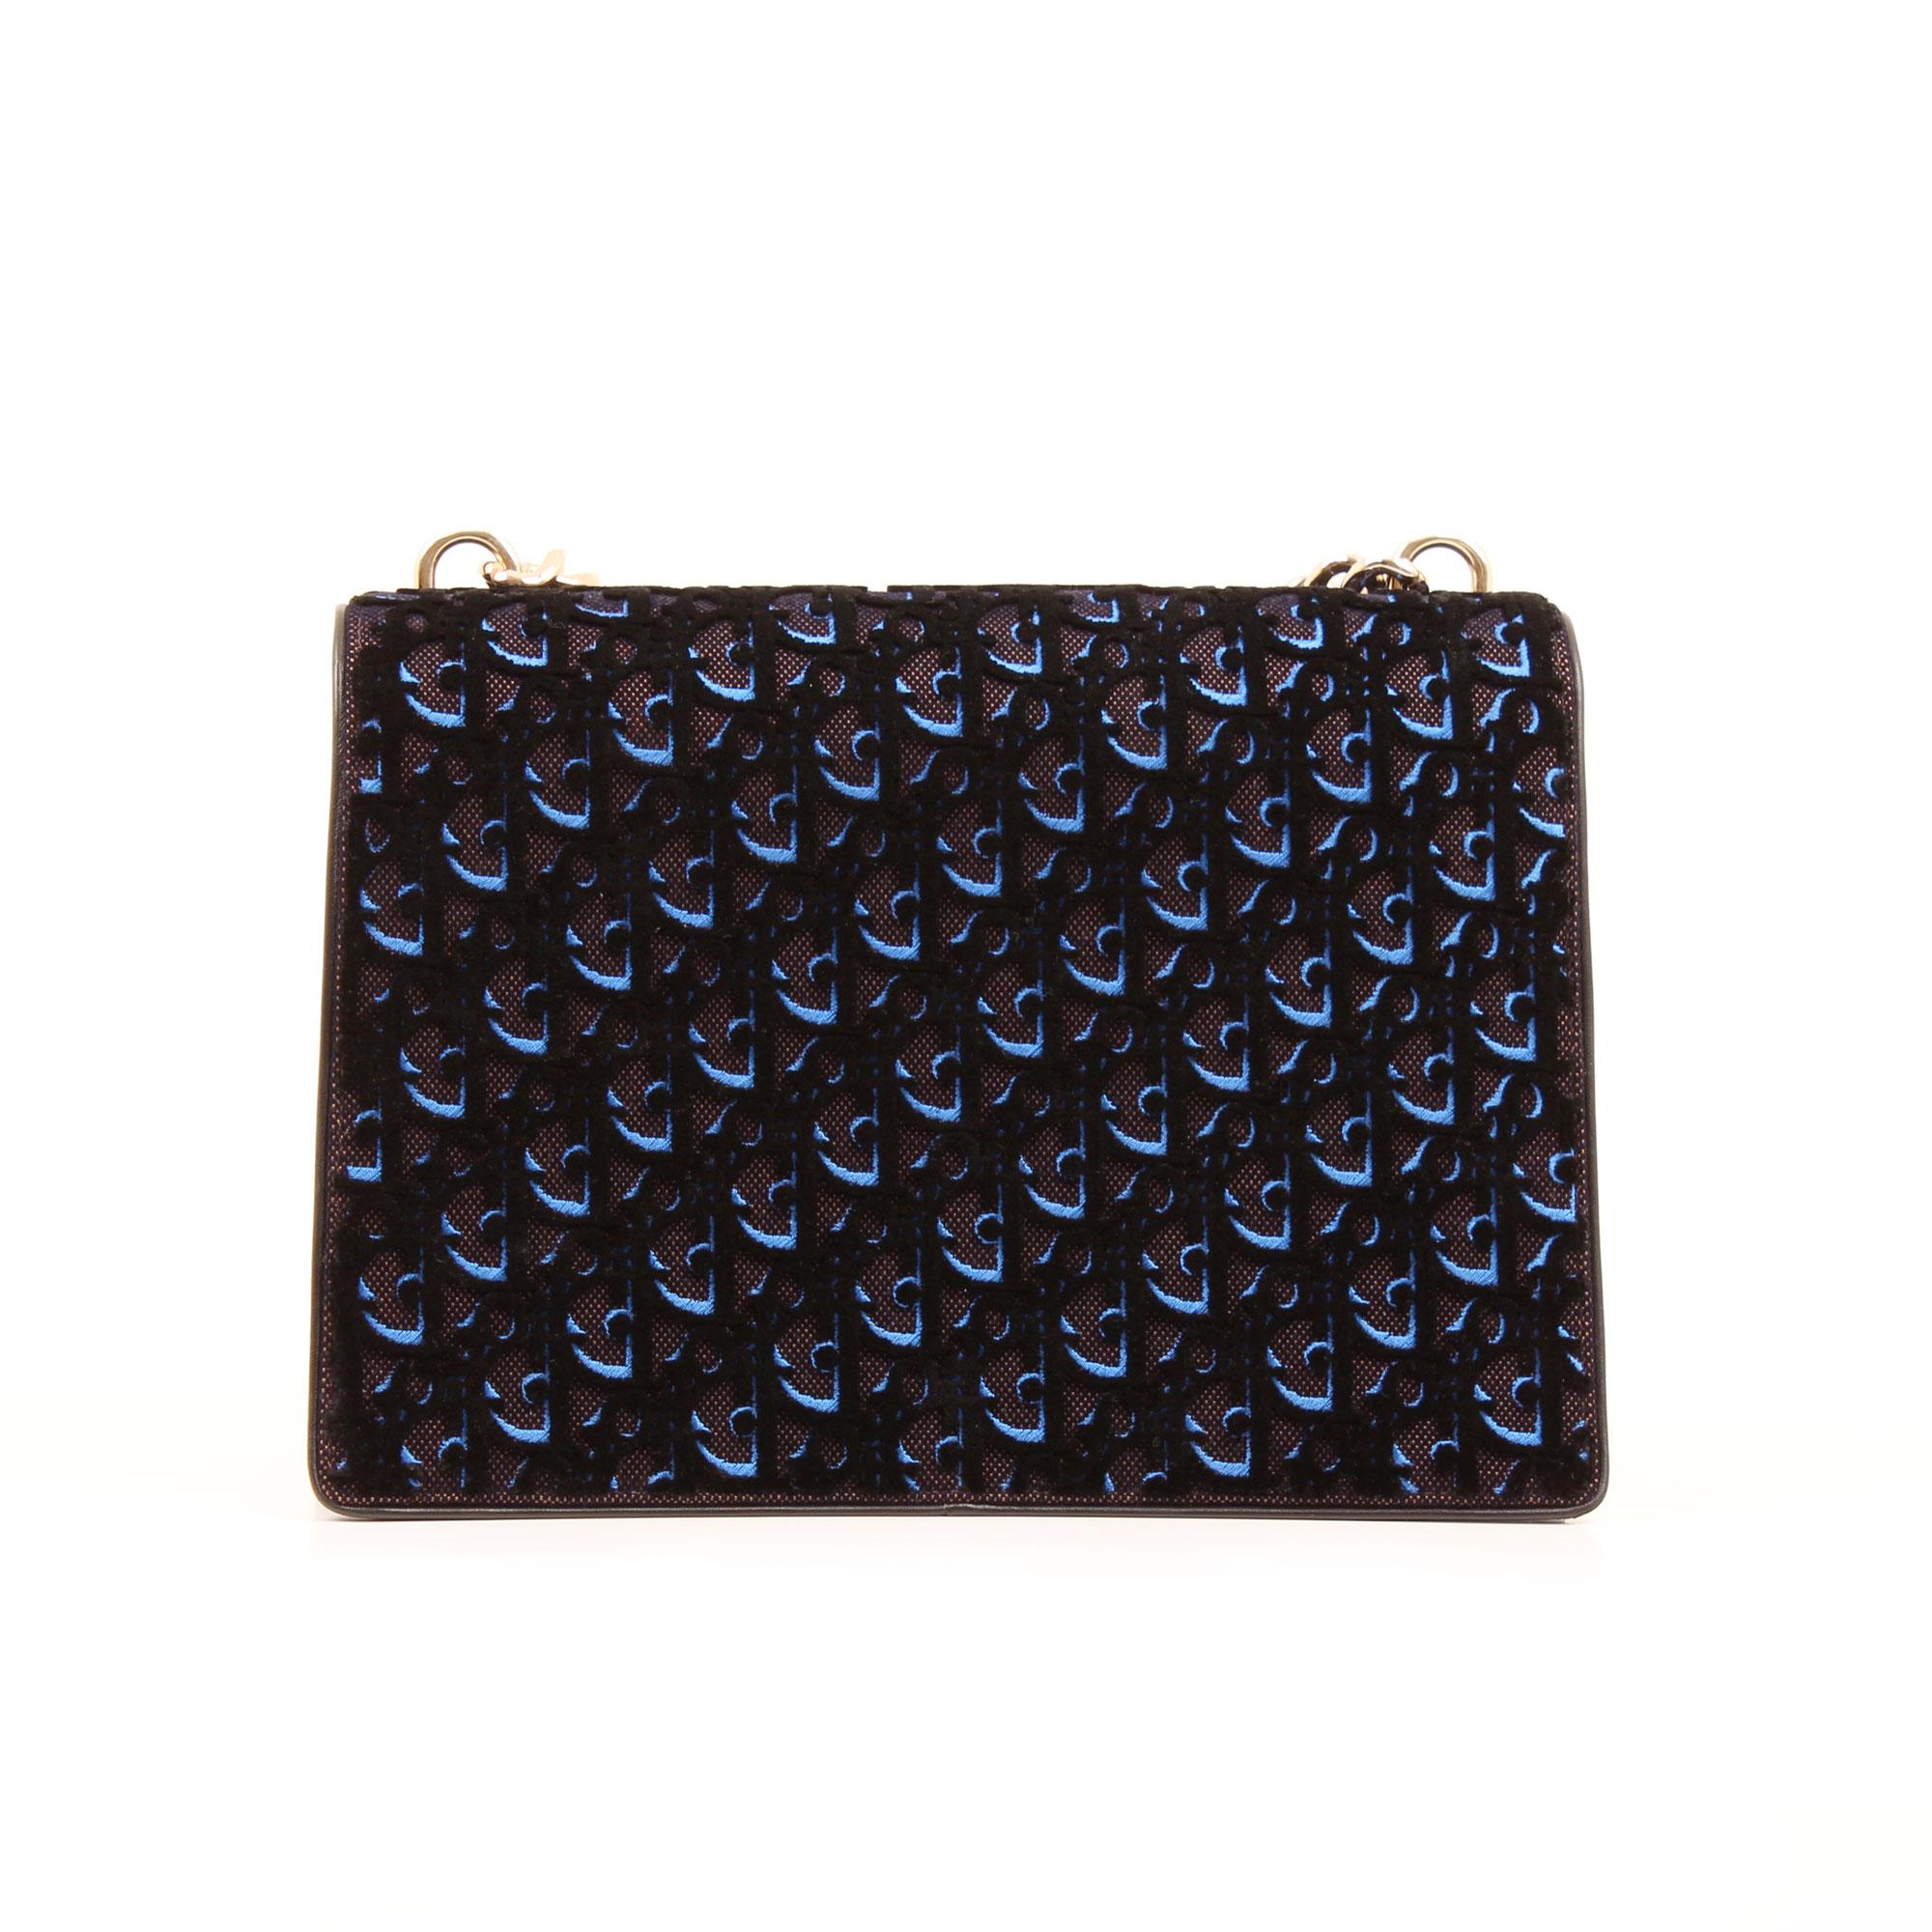 Imagen trasera del bolso dior diorama mediano terciopelo piel azul